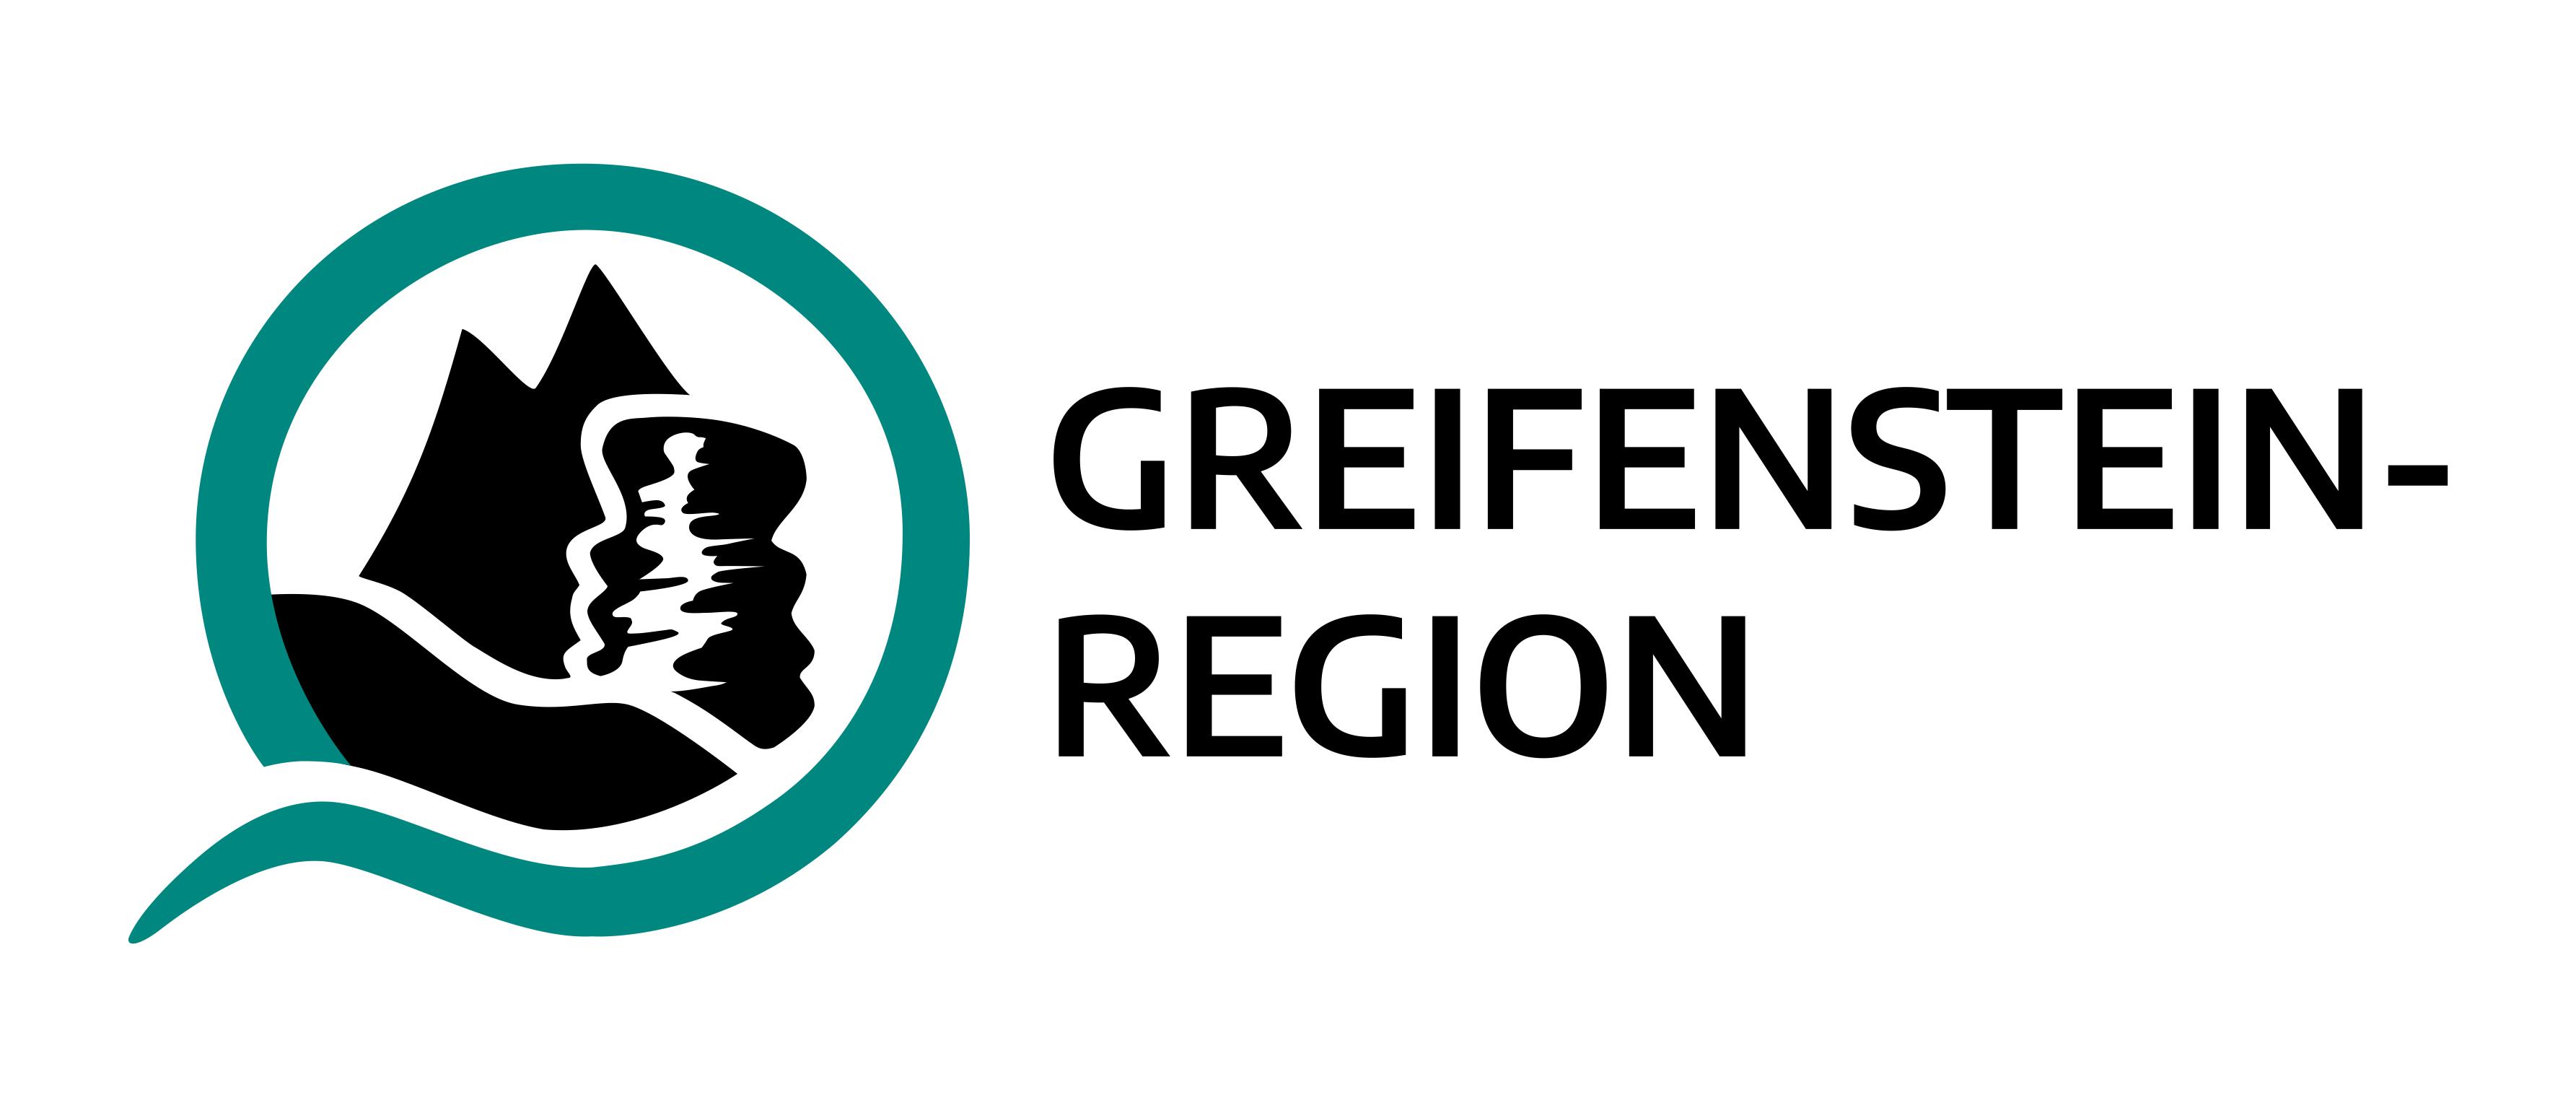 Greifensteinregion